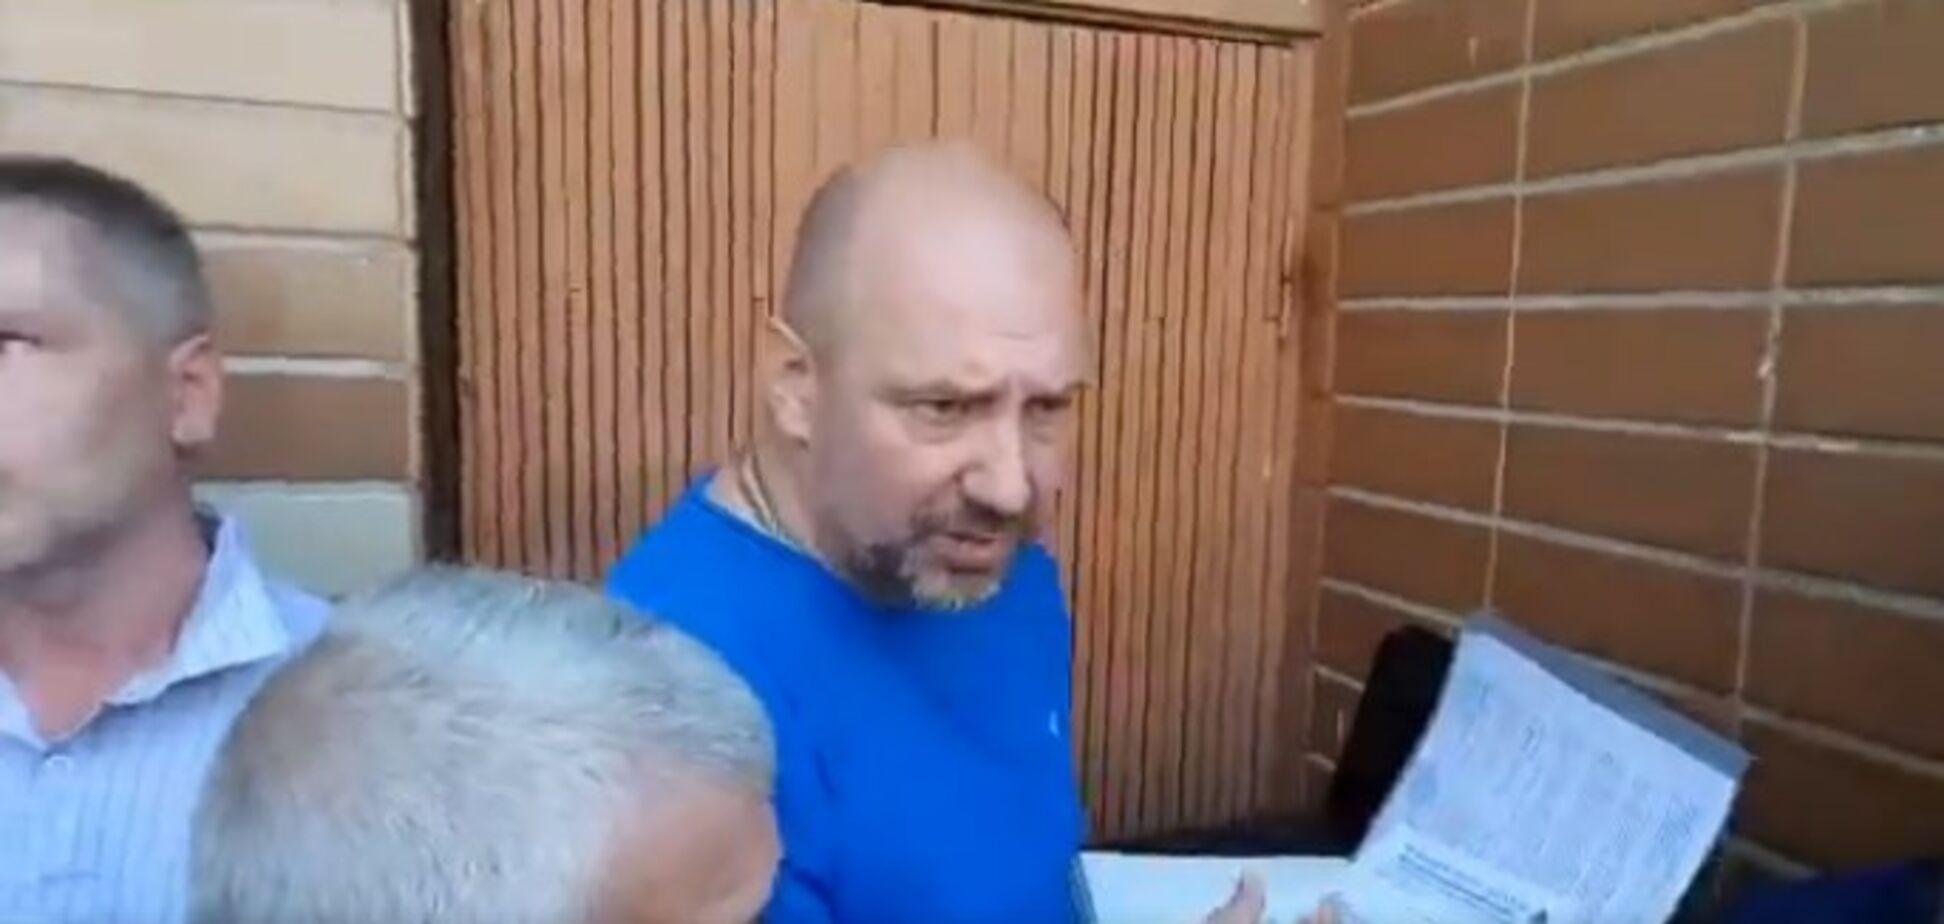 Інцидент в Києві з Мельничуком: момент стрілянини потрапив на відео